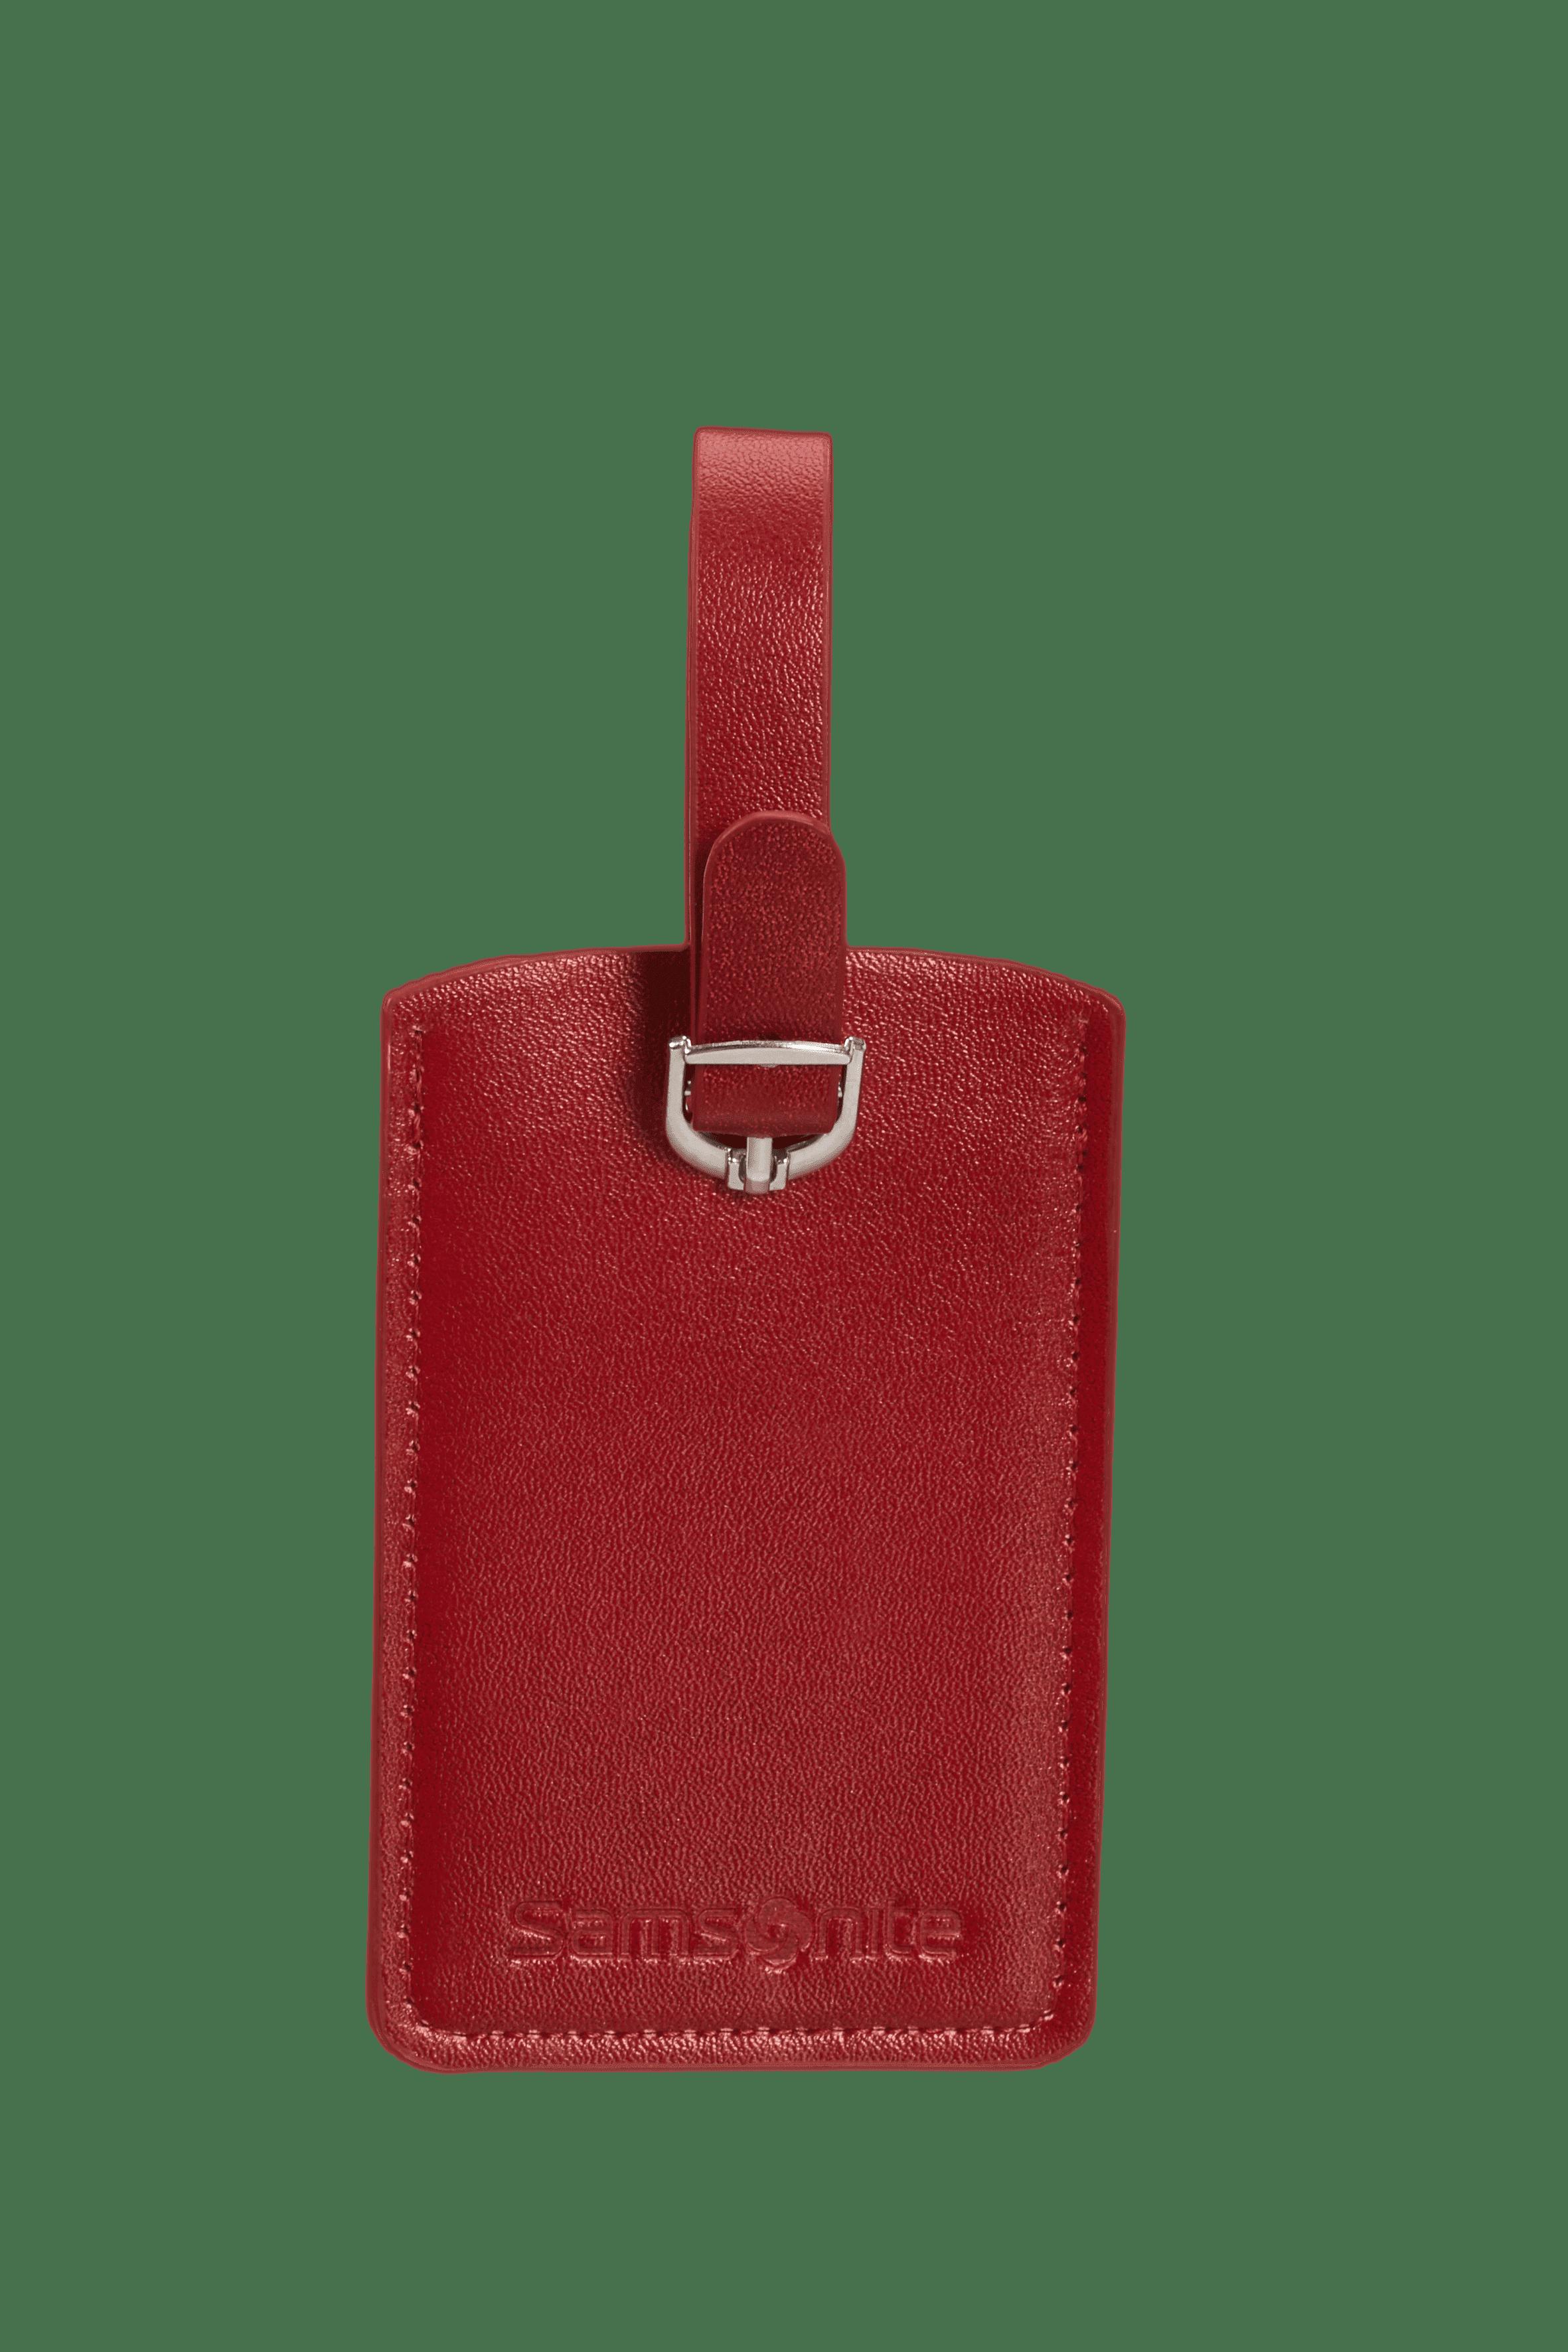 Global ta rectangle luggage tag (1726) x